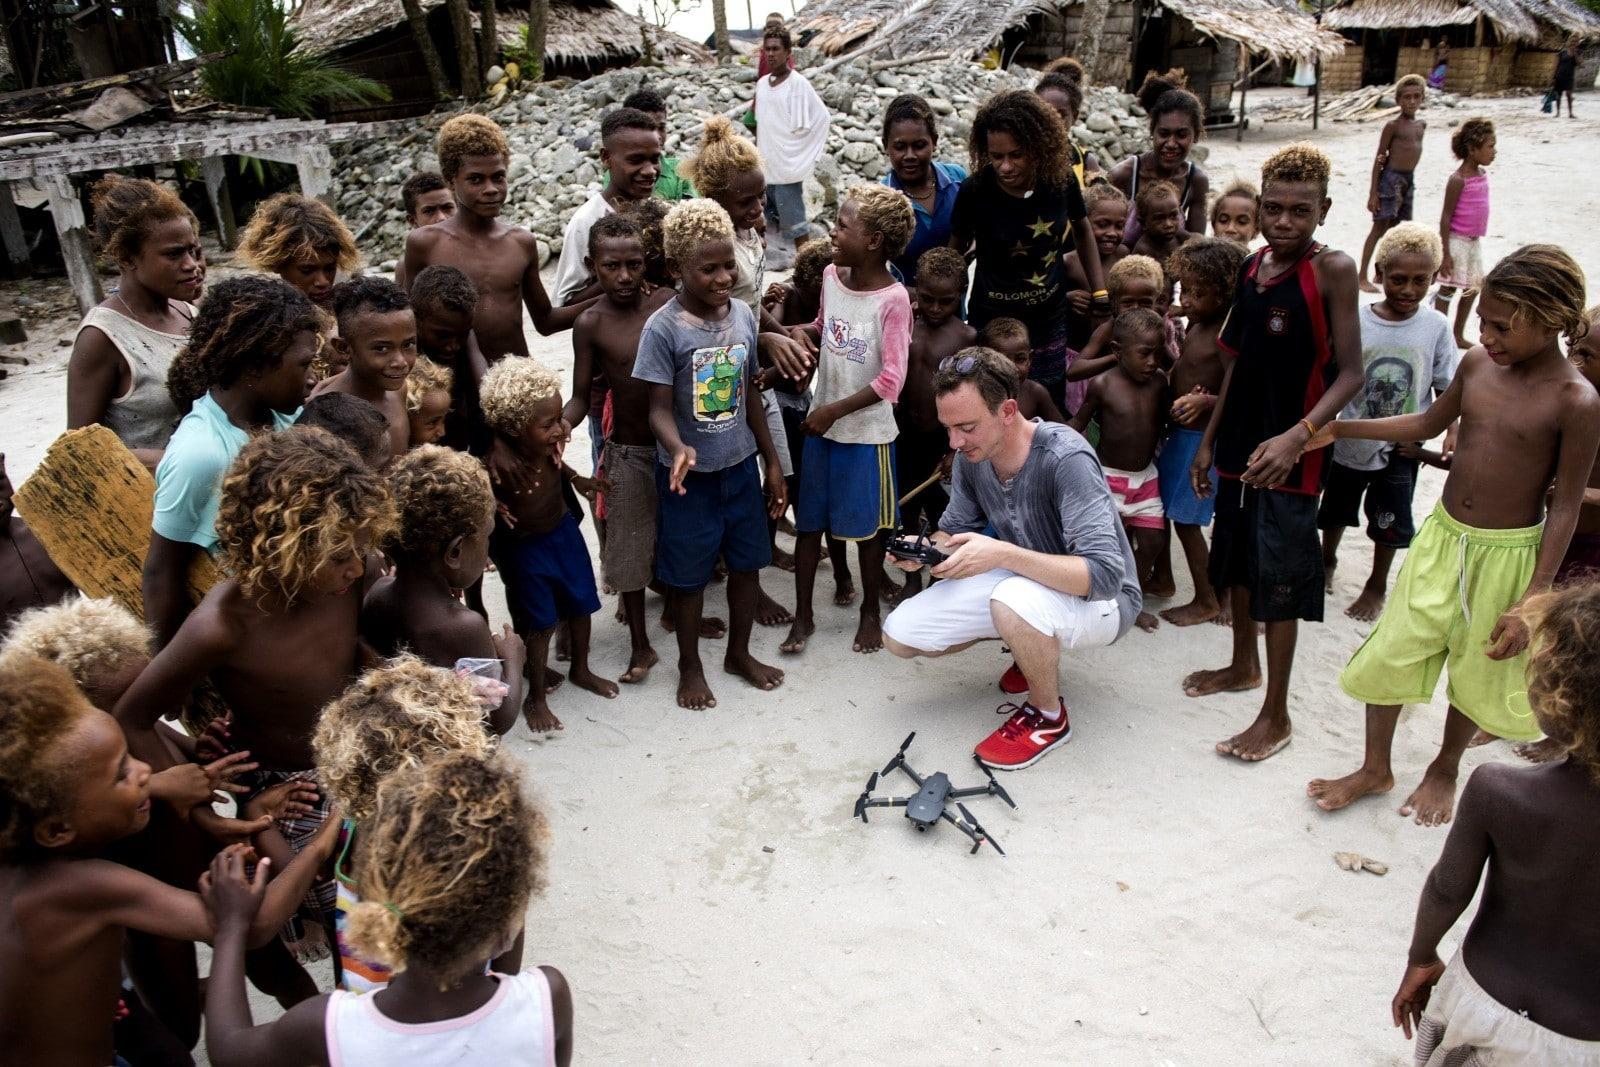 Groupe d'enfants entourant un videaste accroupi devant un drone